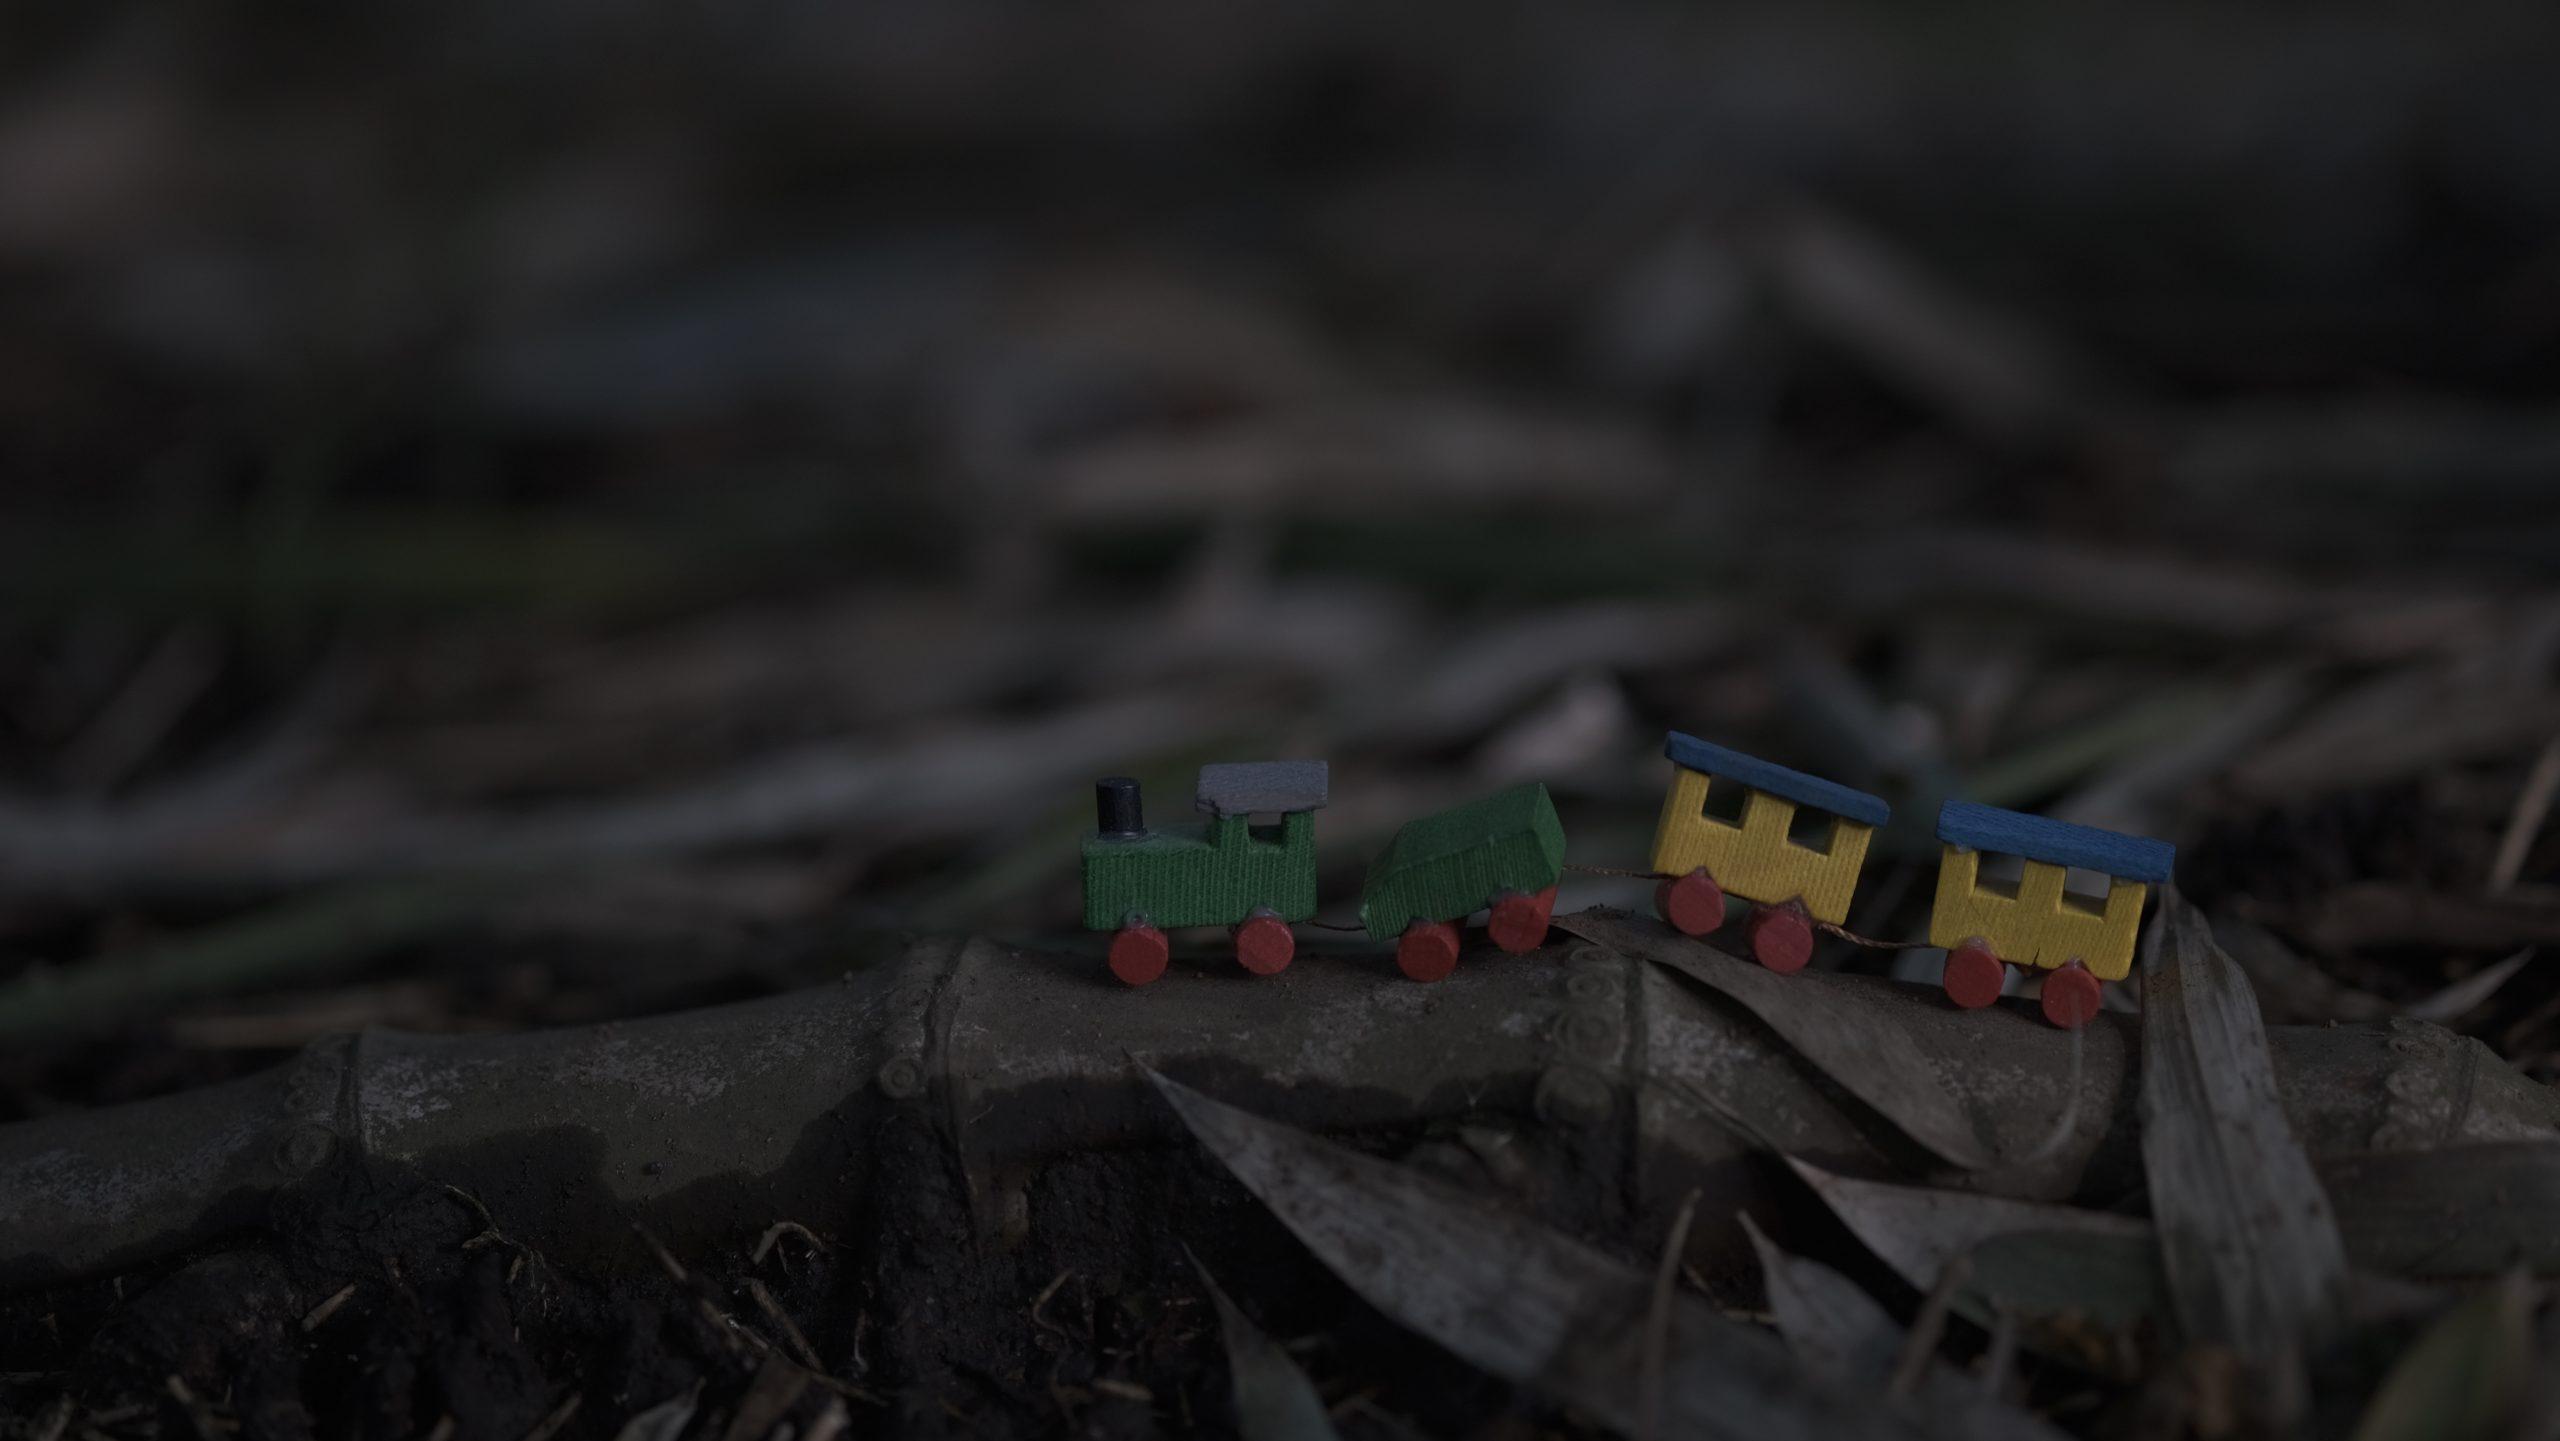 【FUJIFILM】ミニチュア積み木の汽車が走る 〜XF60mm F2.4 R Macro〜